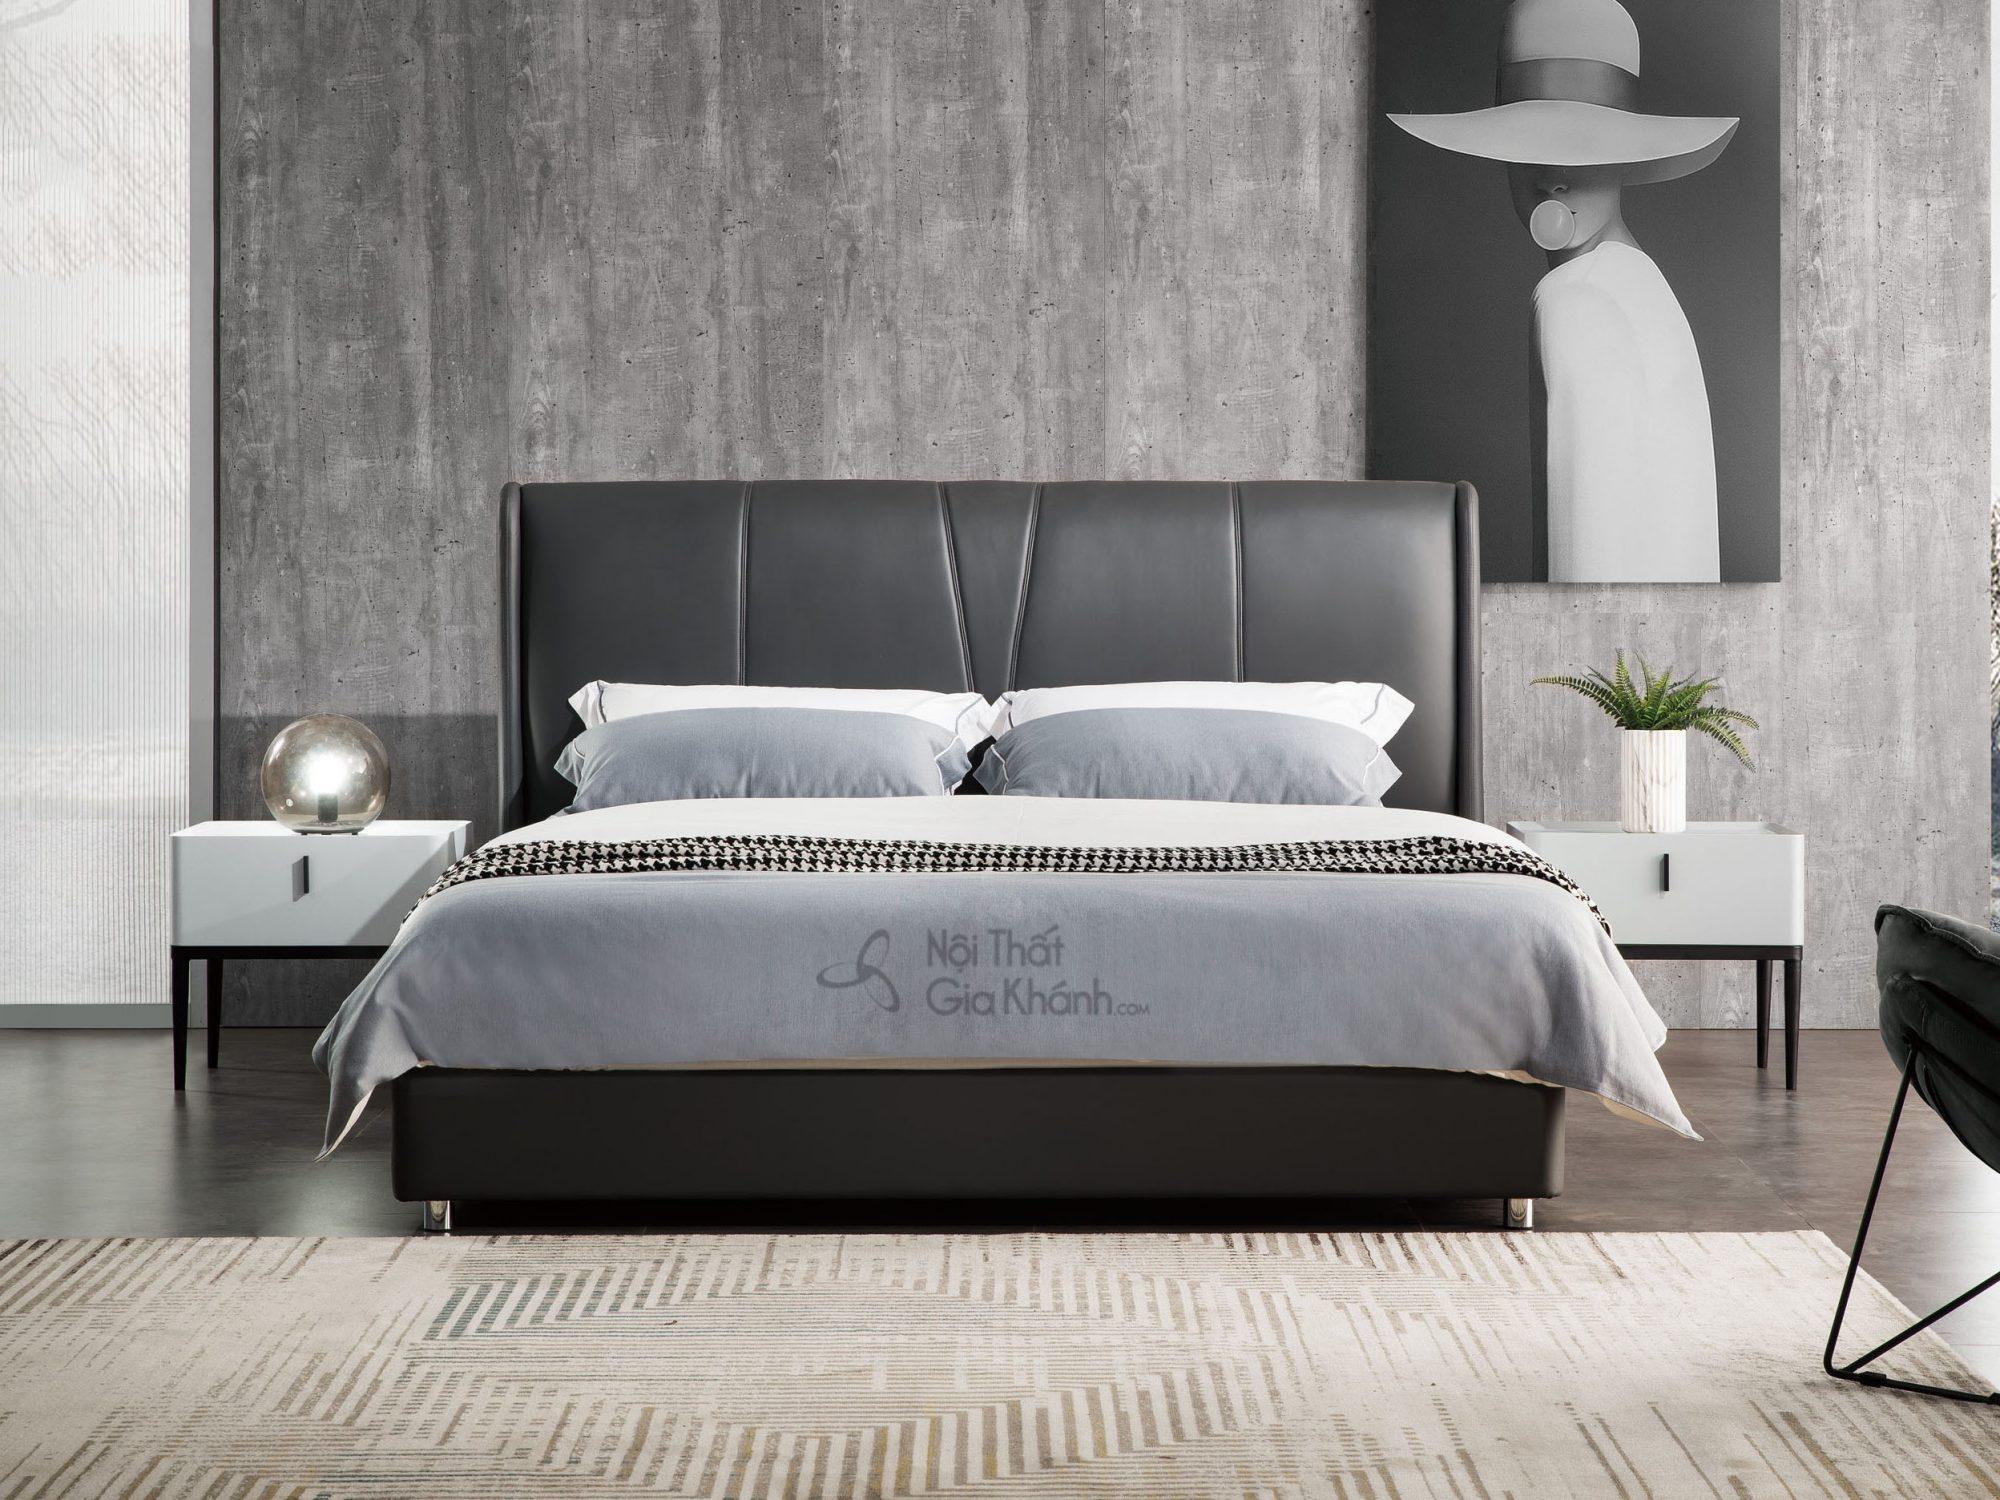 Giường bọc vải hiện đại GILB601-18